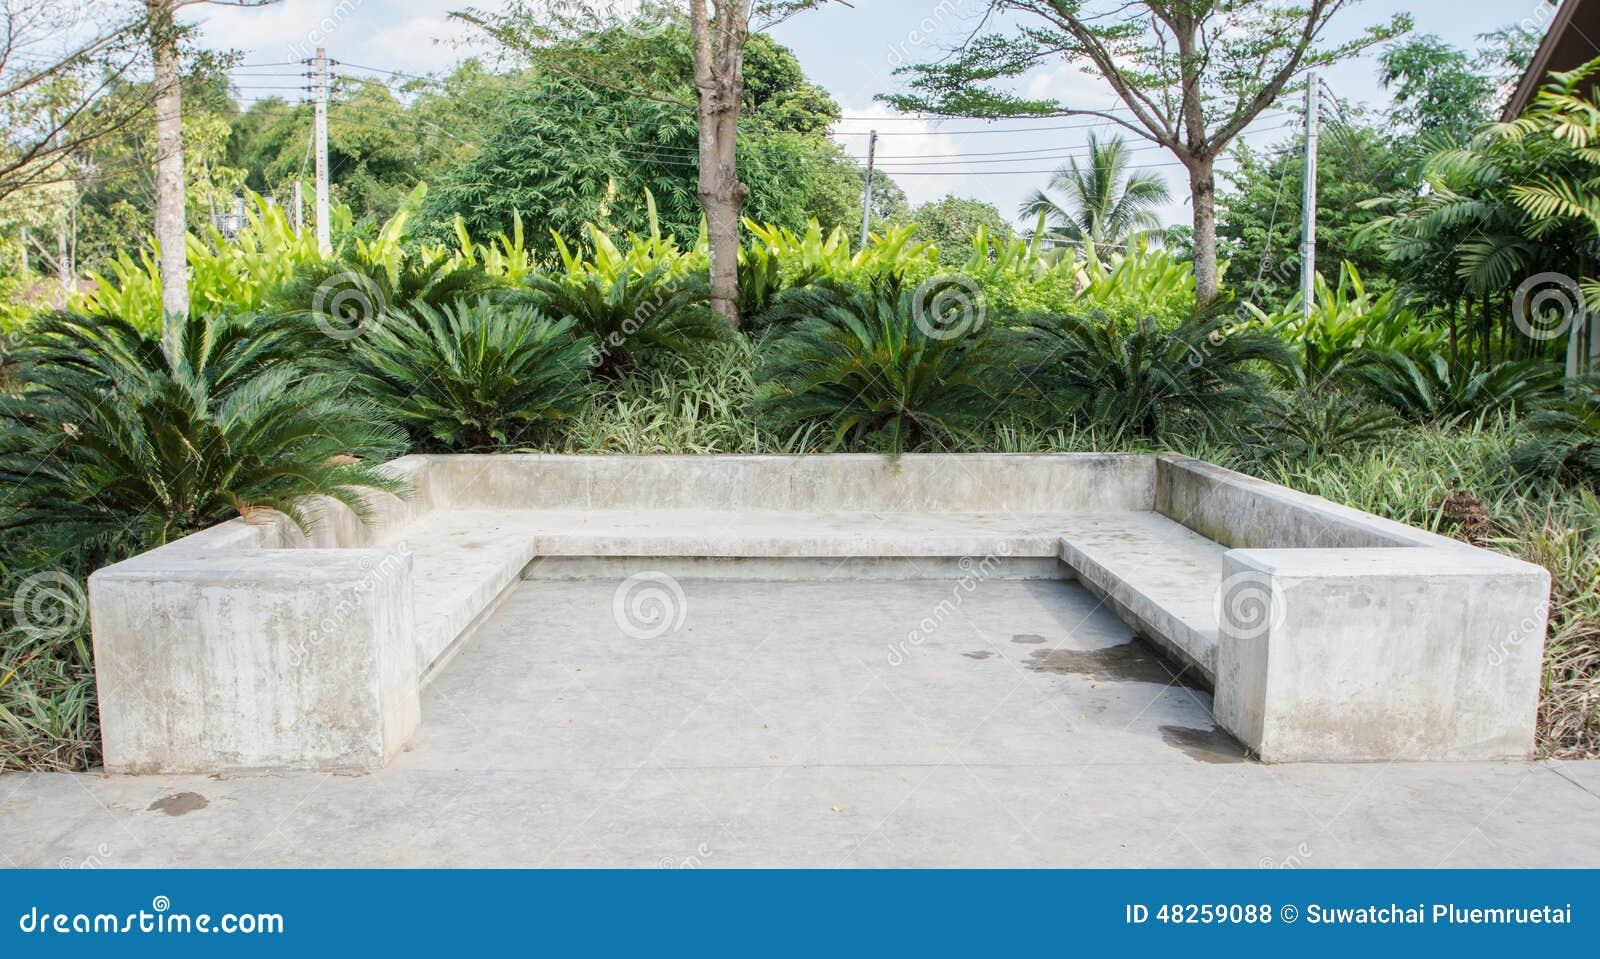 Konkrete bank im garten stockfoto bild von kunst modern for Bancos de granito para jardin